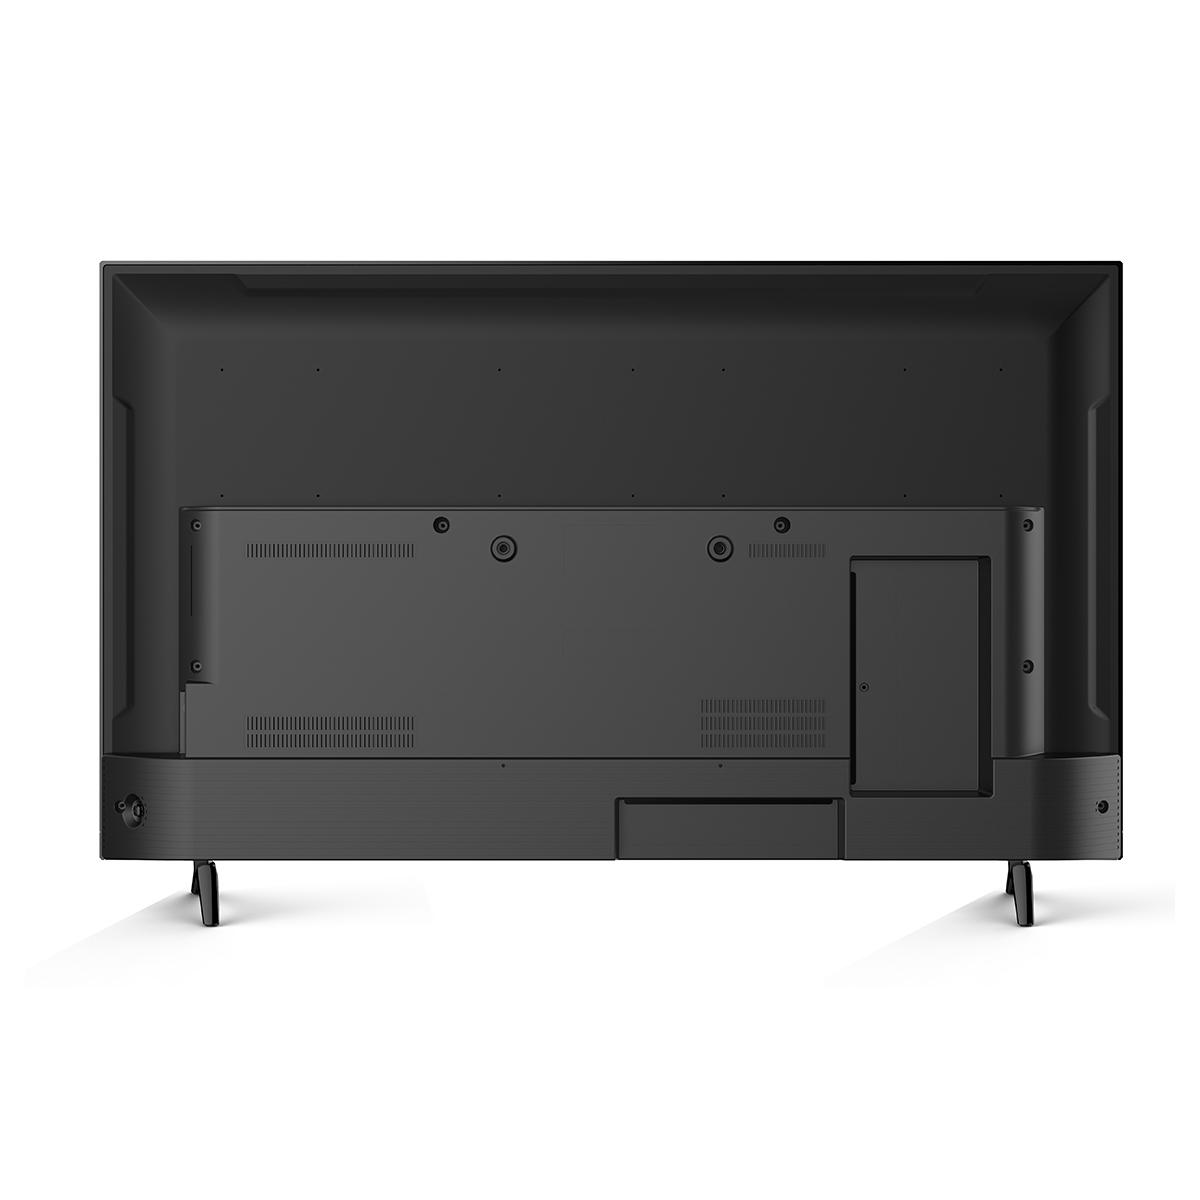 تلویزیون ال ای دی ایکس ویژن مدل 49XK580 سایز 49 اینچ